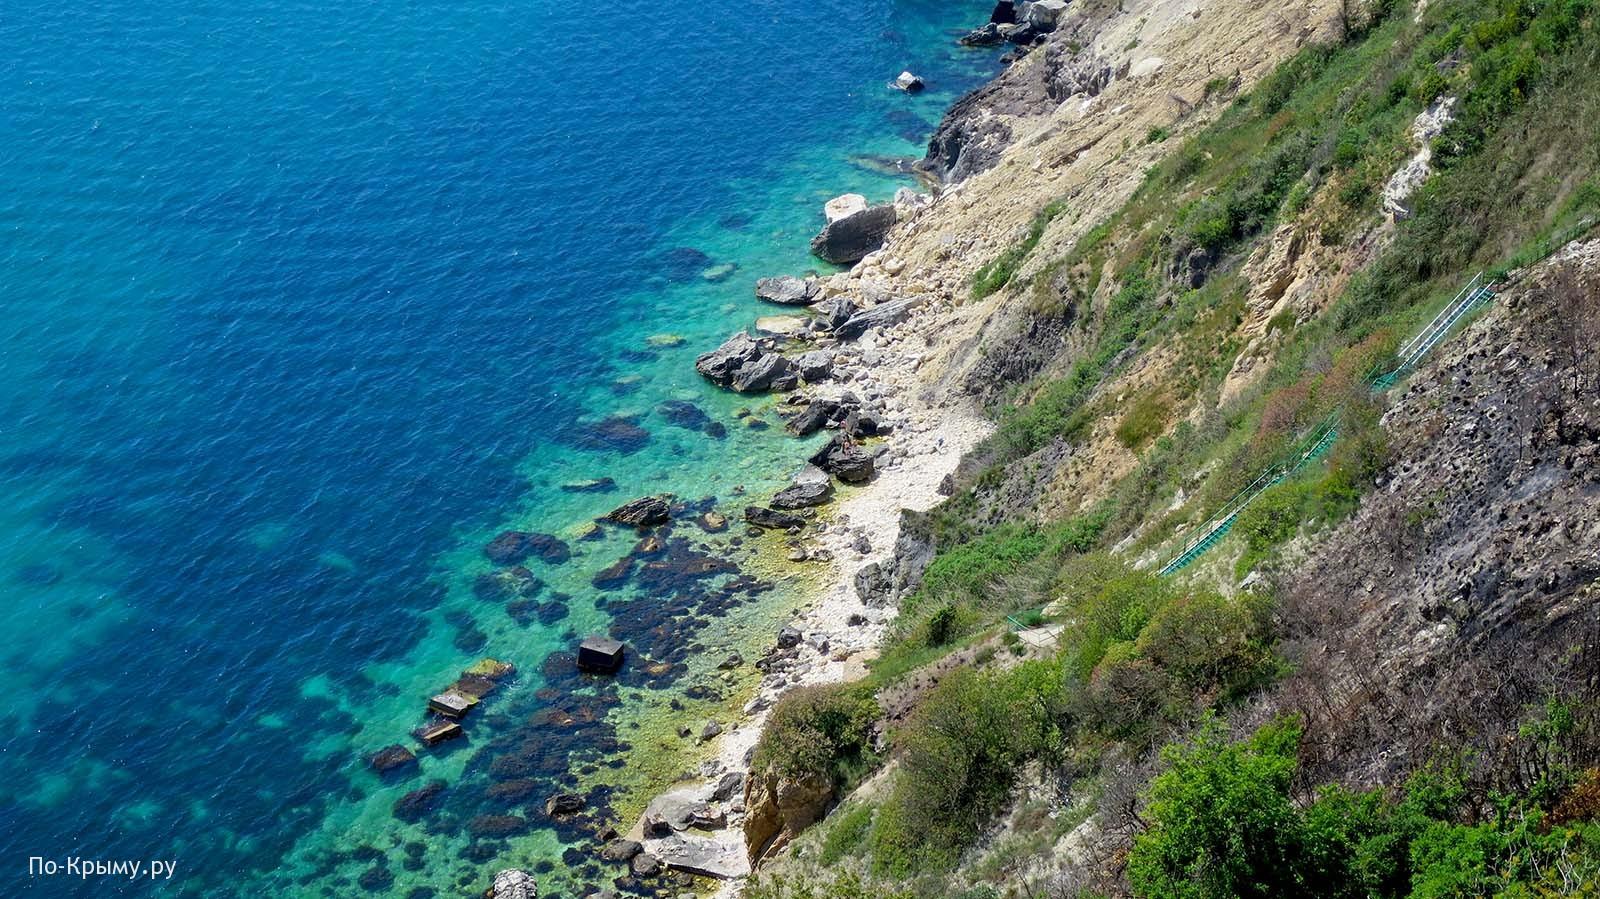 Скалистый пляж Каравелла, Фиолент, Крым